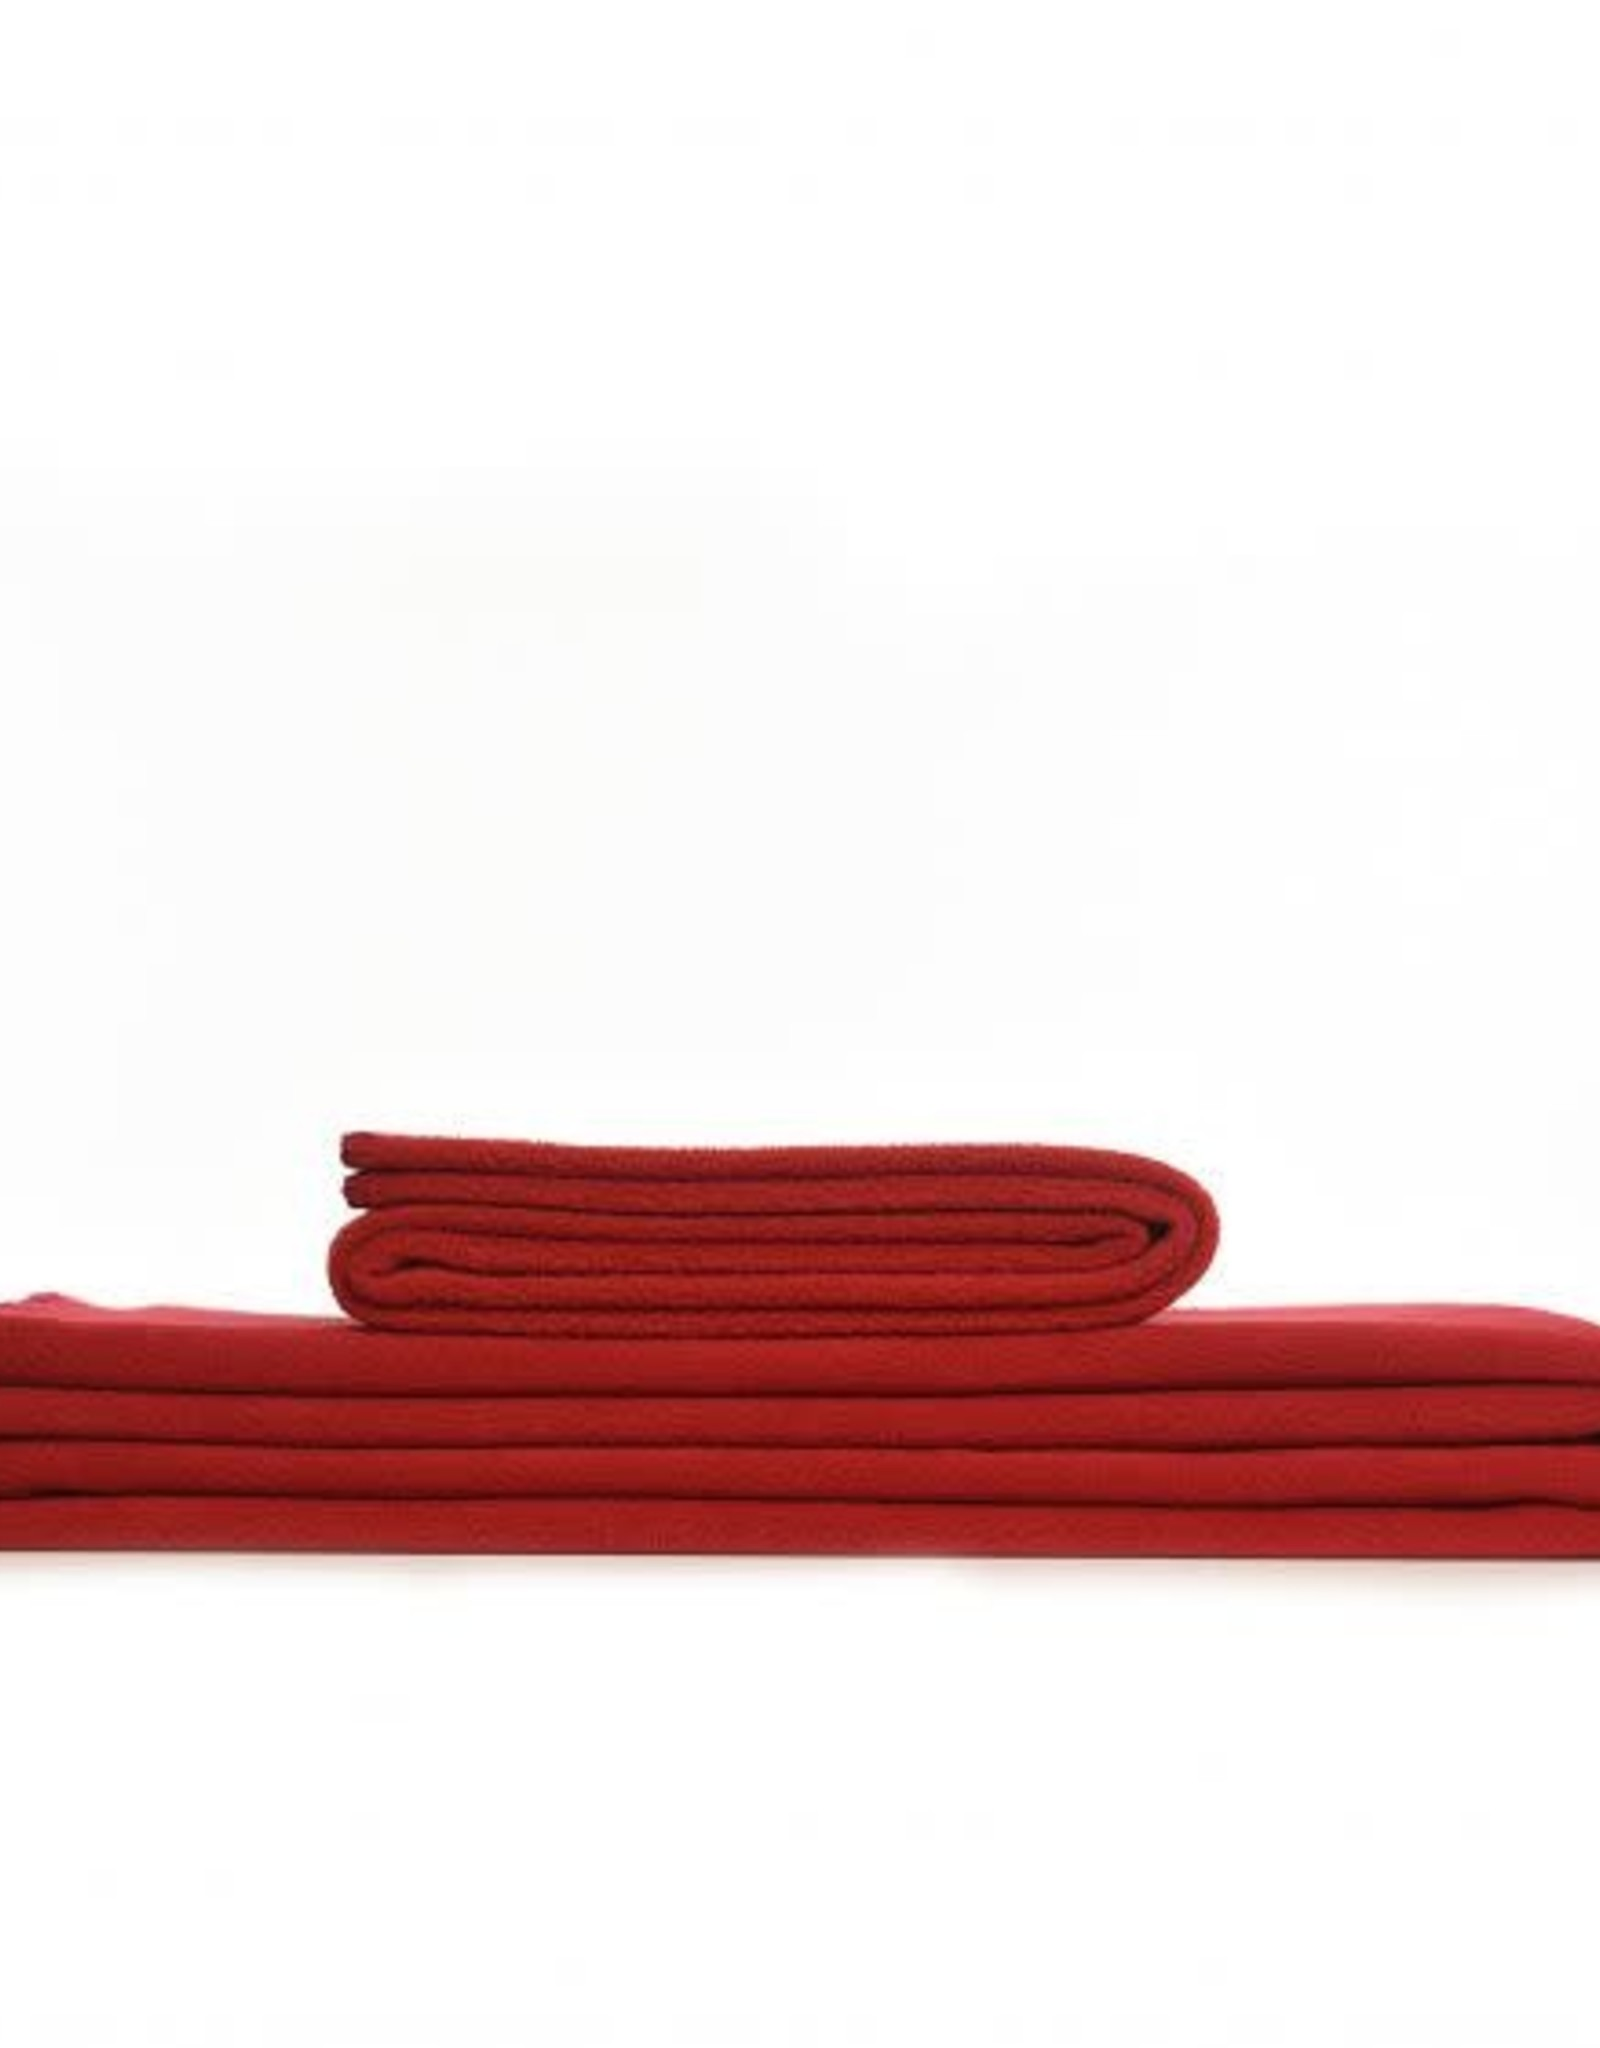 Tweedmill Textiles Plaid Polaire Rouge Large 145x200 cm